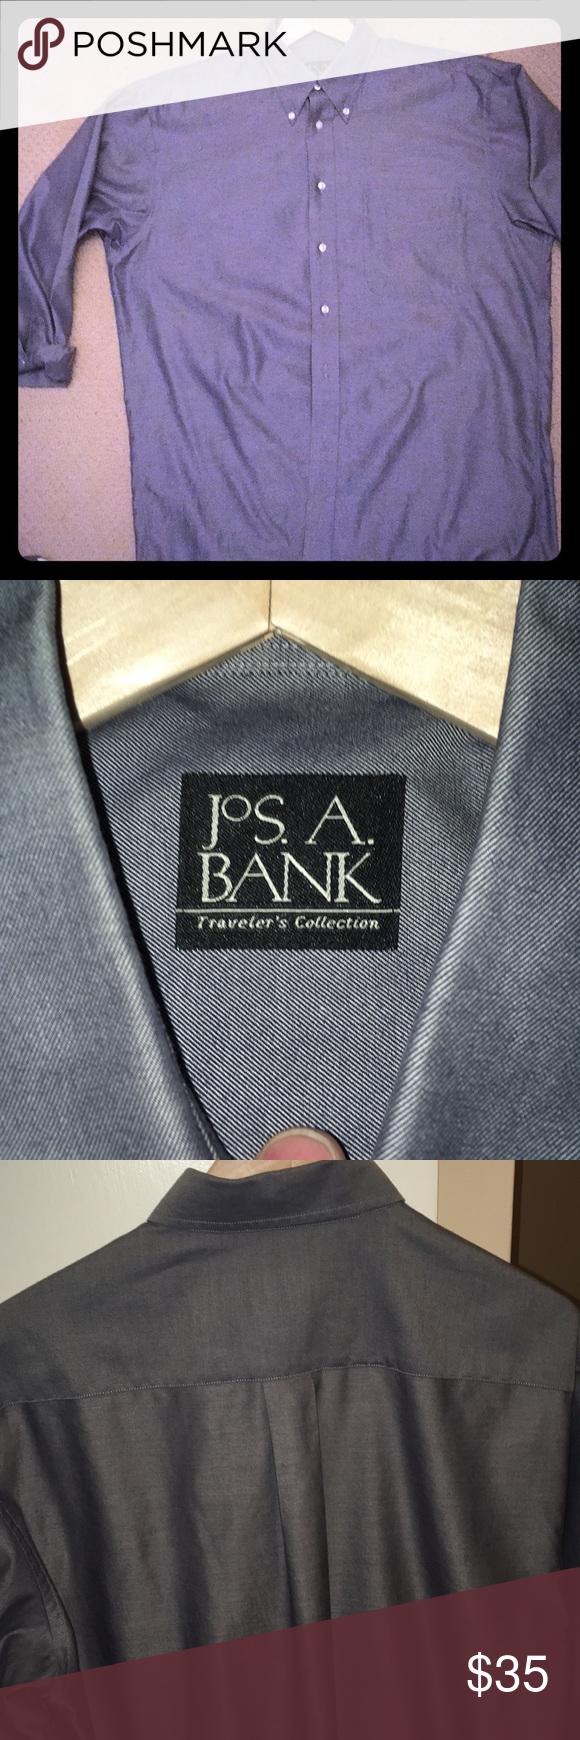 Jos a bank. LS 👔 shirt. Long sleeve shirt dress